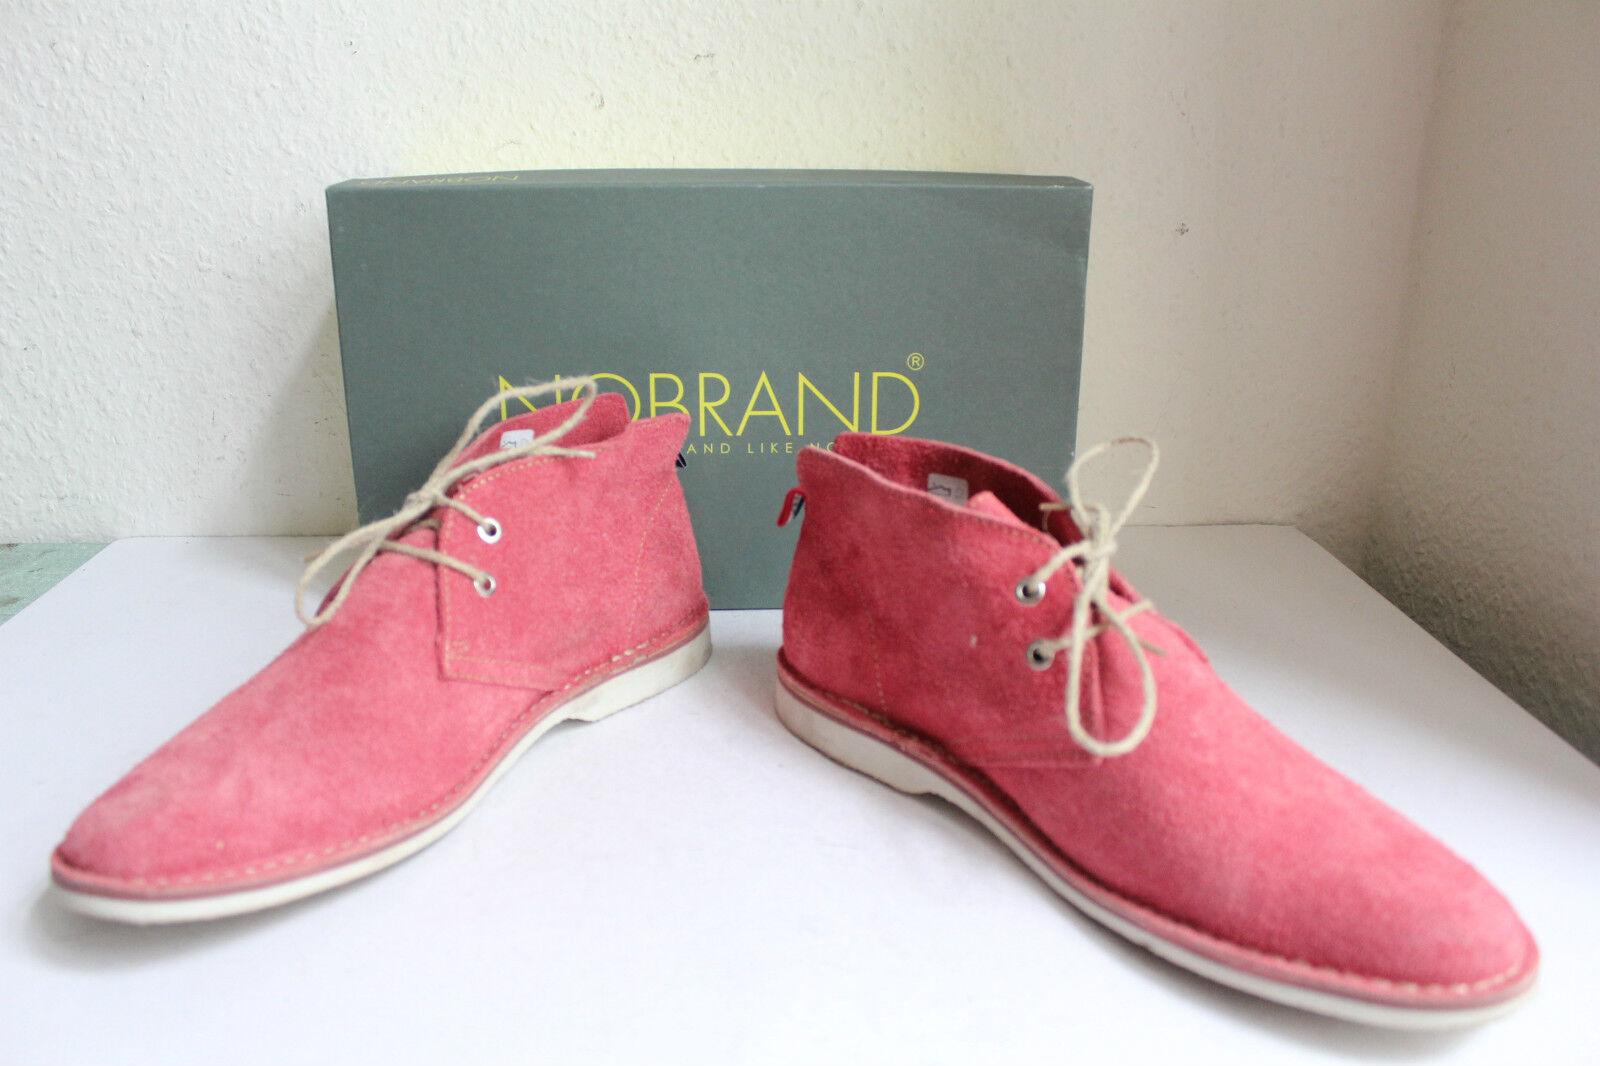 NOBRAND toni elegante trendy Stivali Camoscio Rosa toni NOBRAND eu:44 come nuovo-con scatola 483a57